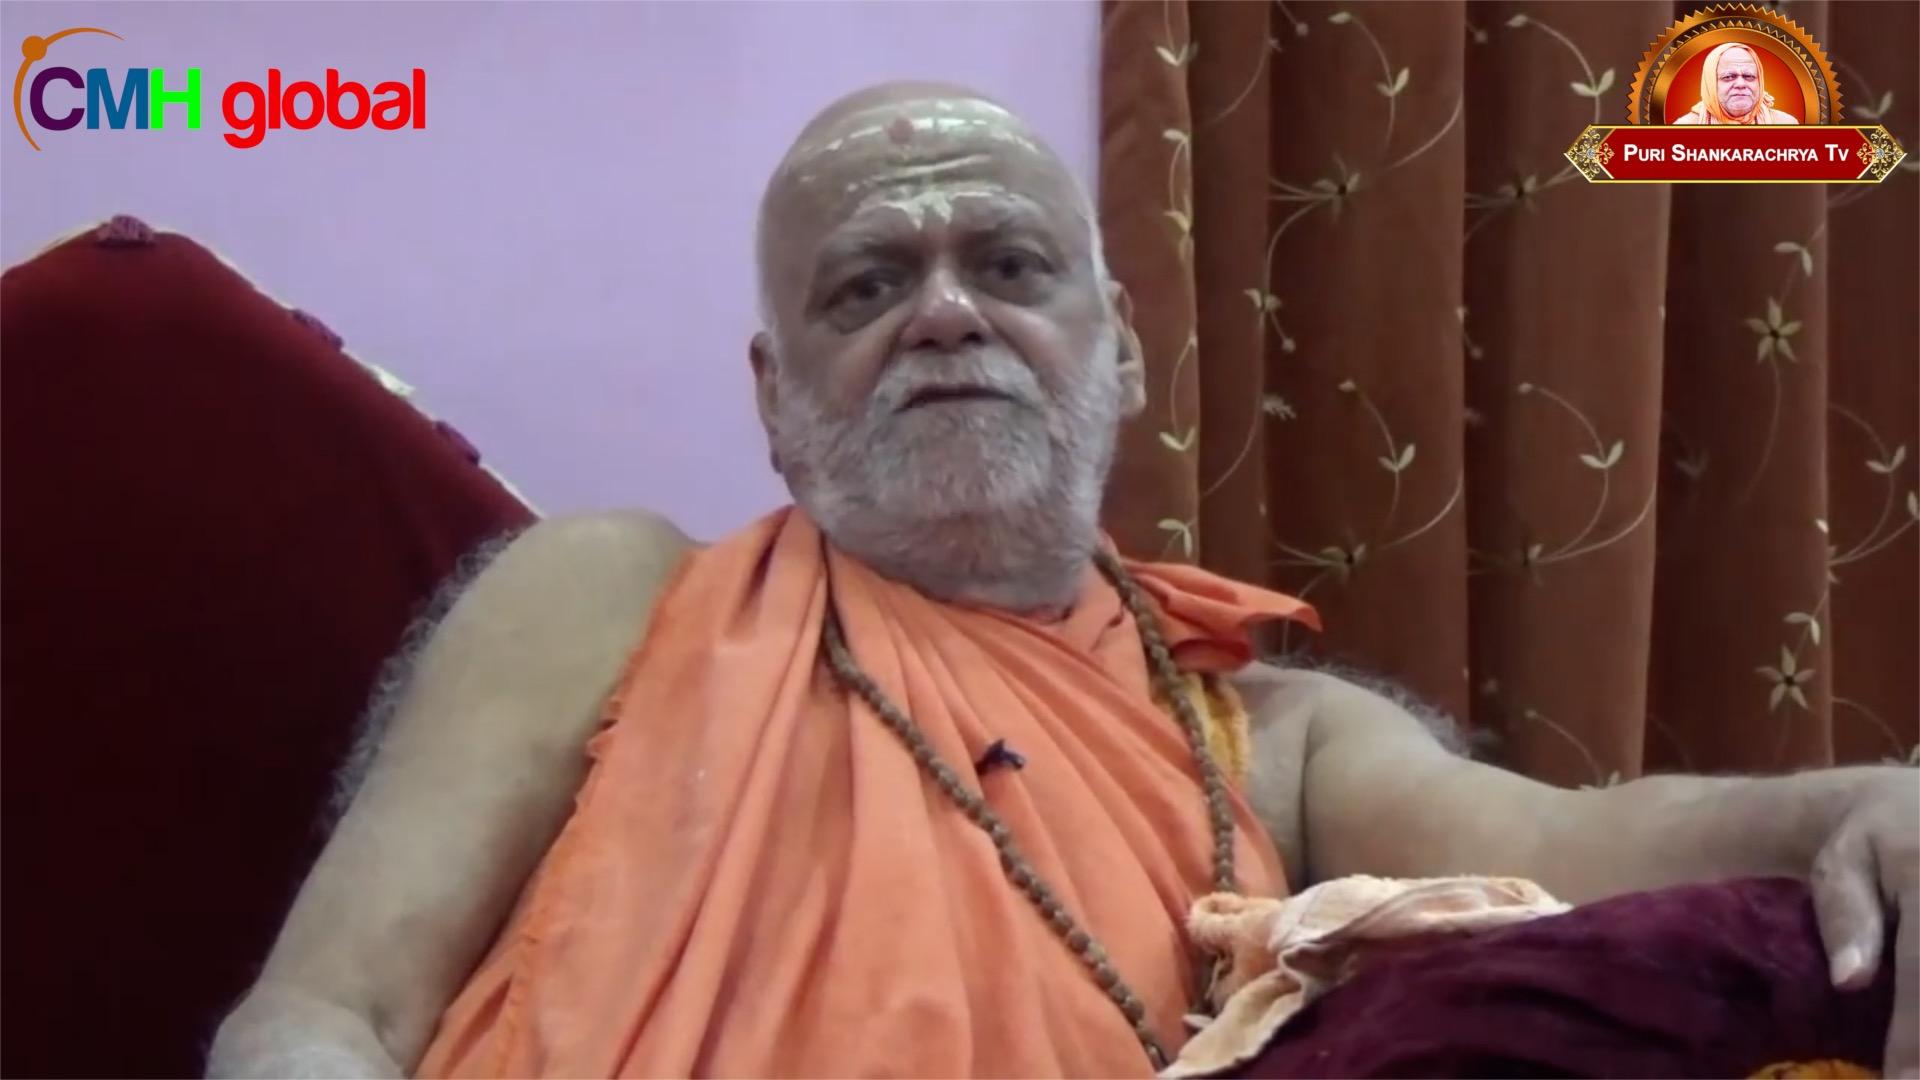 Gyan Dhara Ep -49 by Puri Shankaracharya Swami Nishchalananda Saraswati Ji